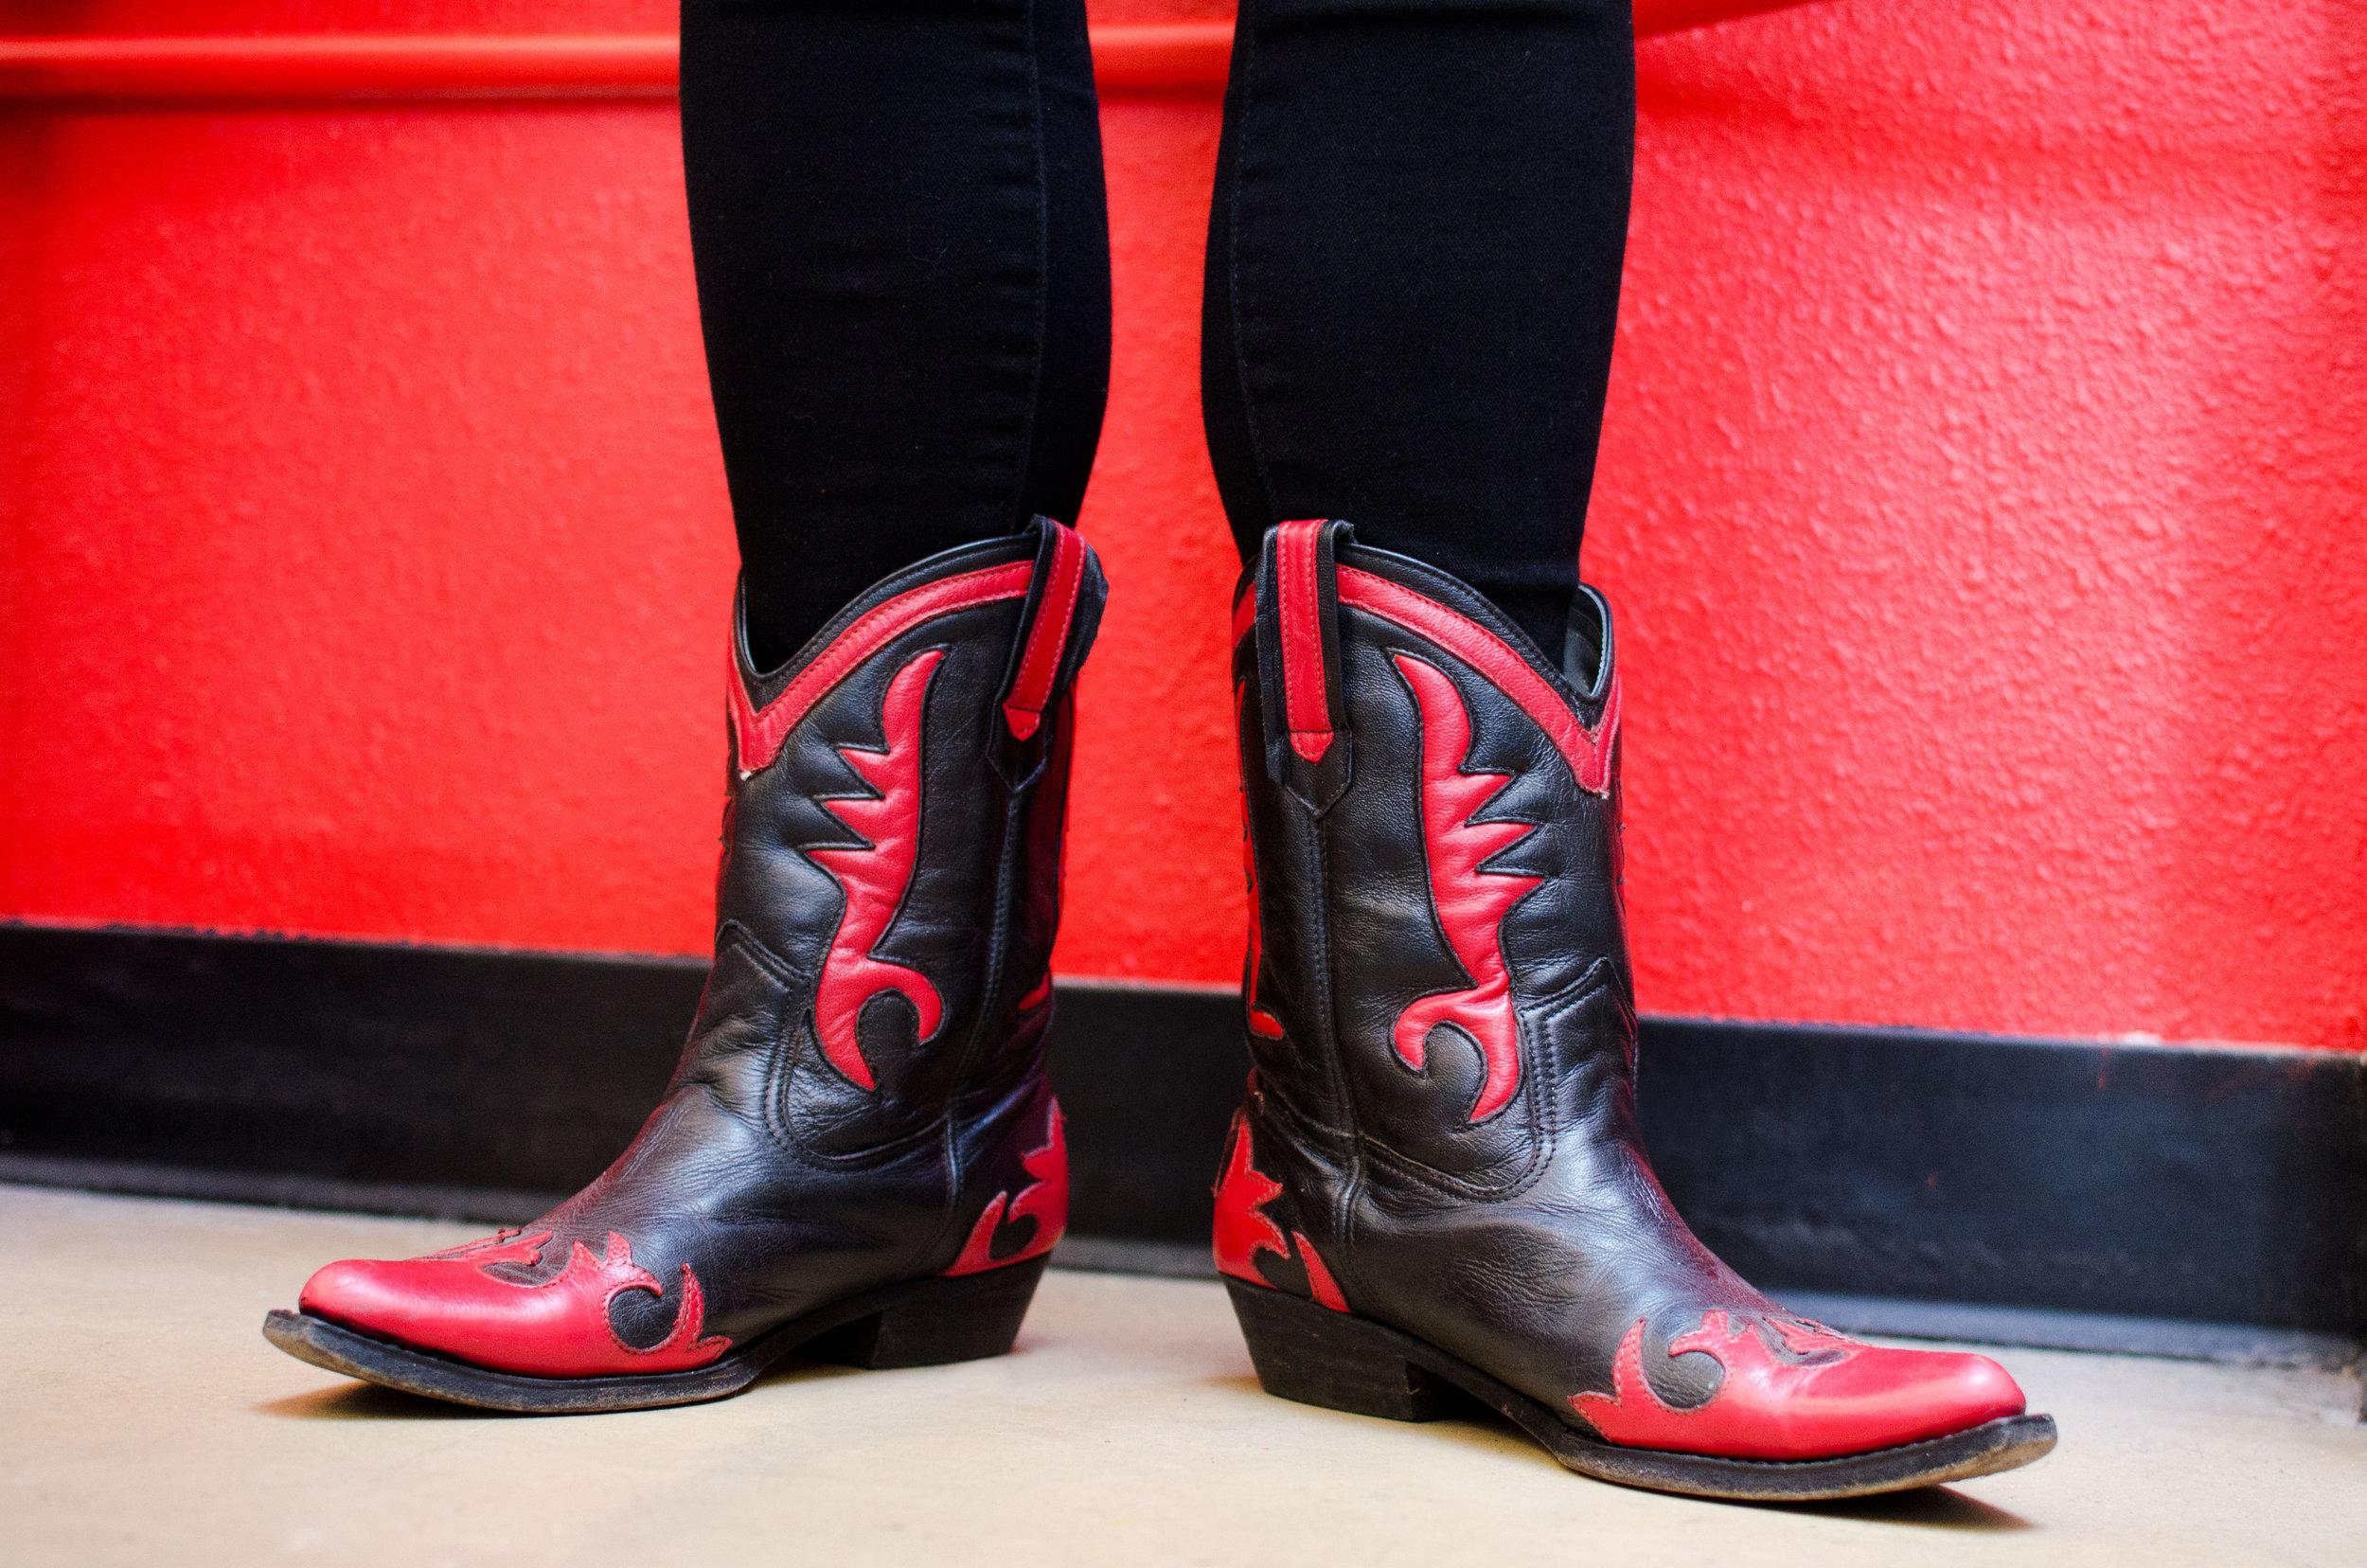 Portland Portrait - Red Cowboy Boots